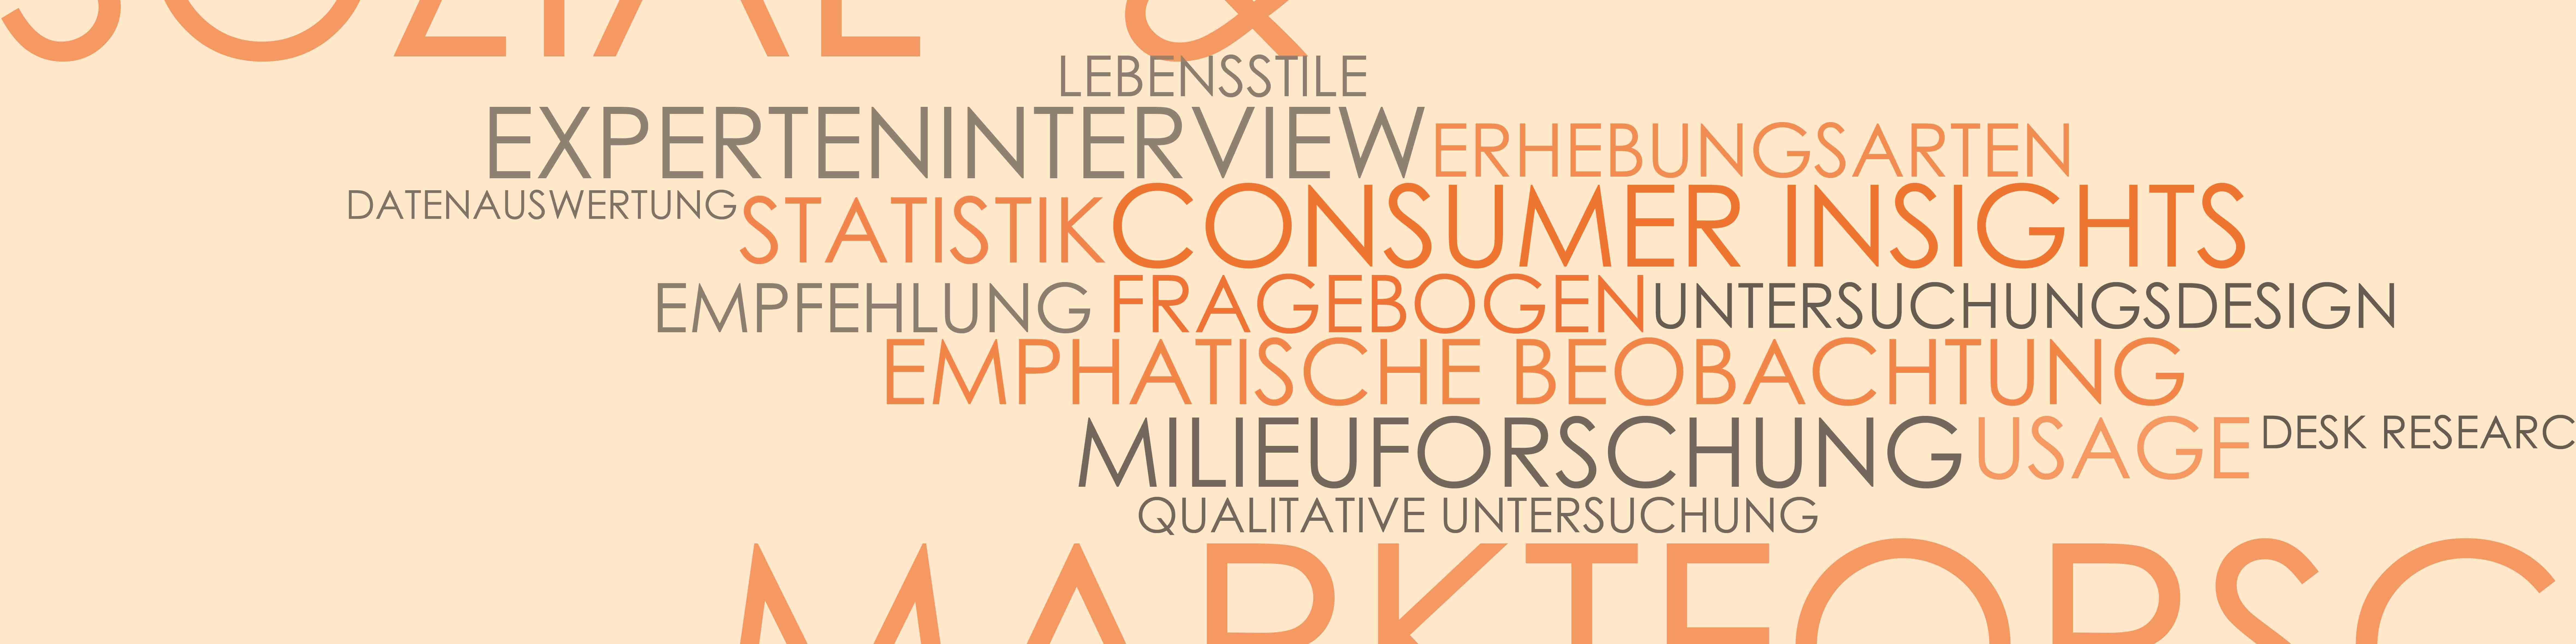 Integriertes Produktdesign, Lerhrinhalte, Sozial- und Marktforschung